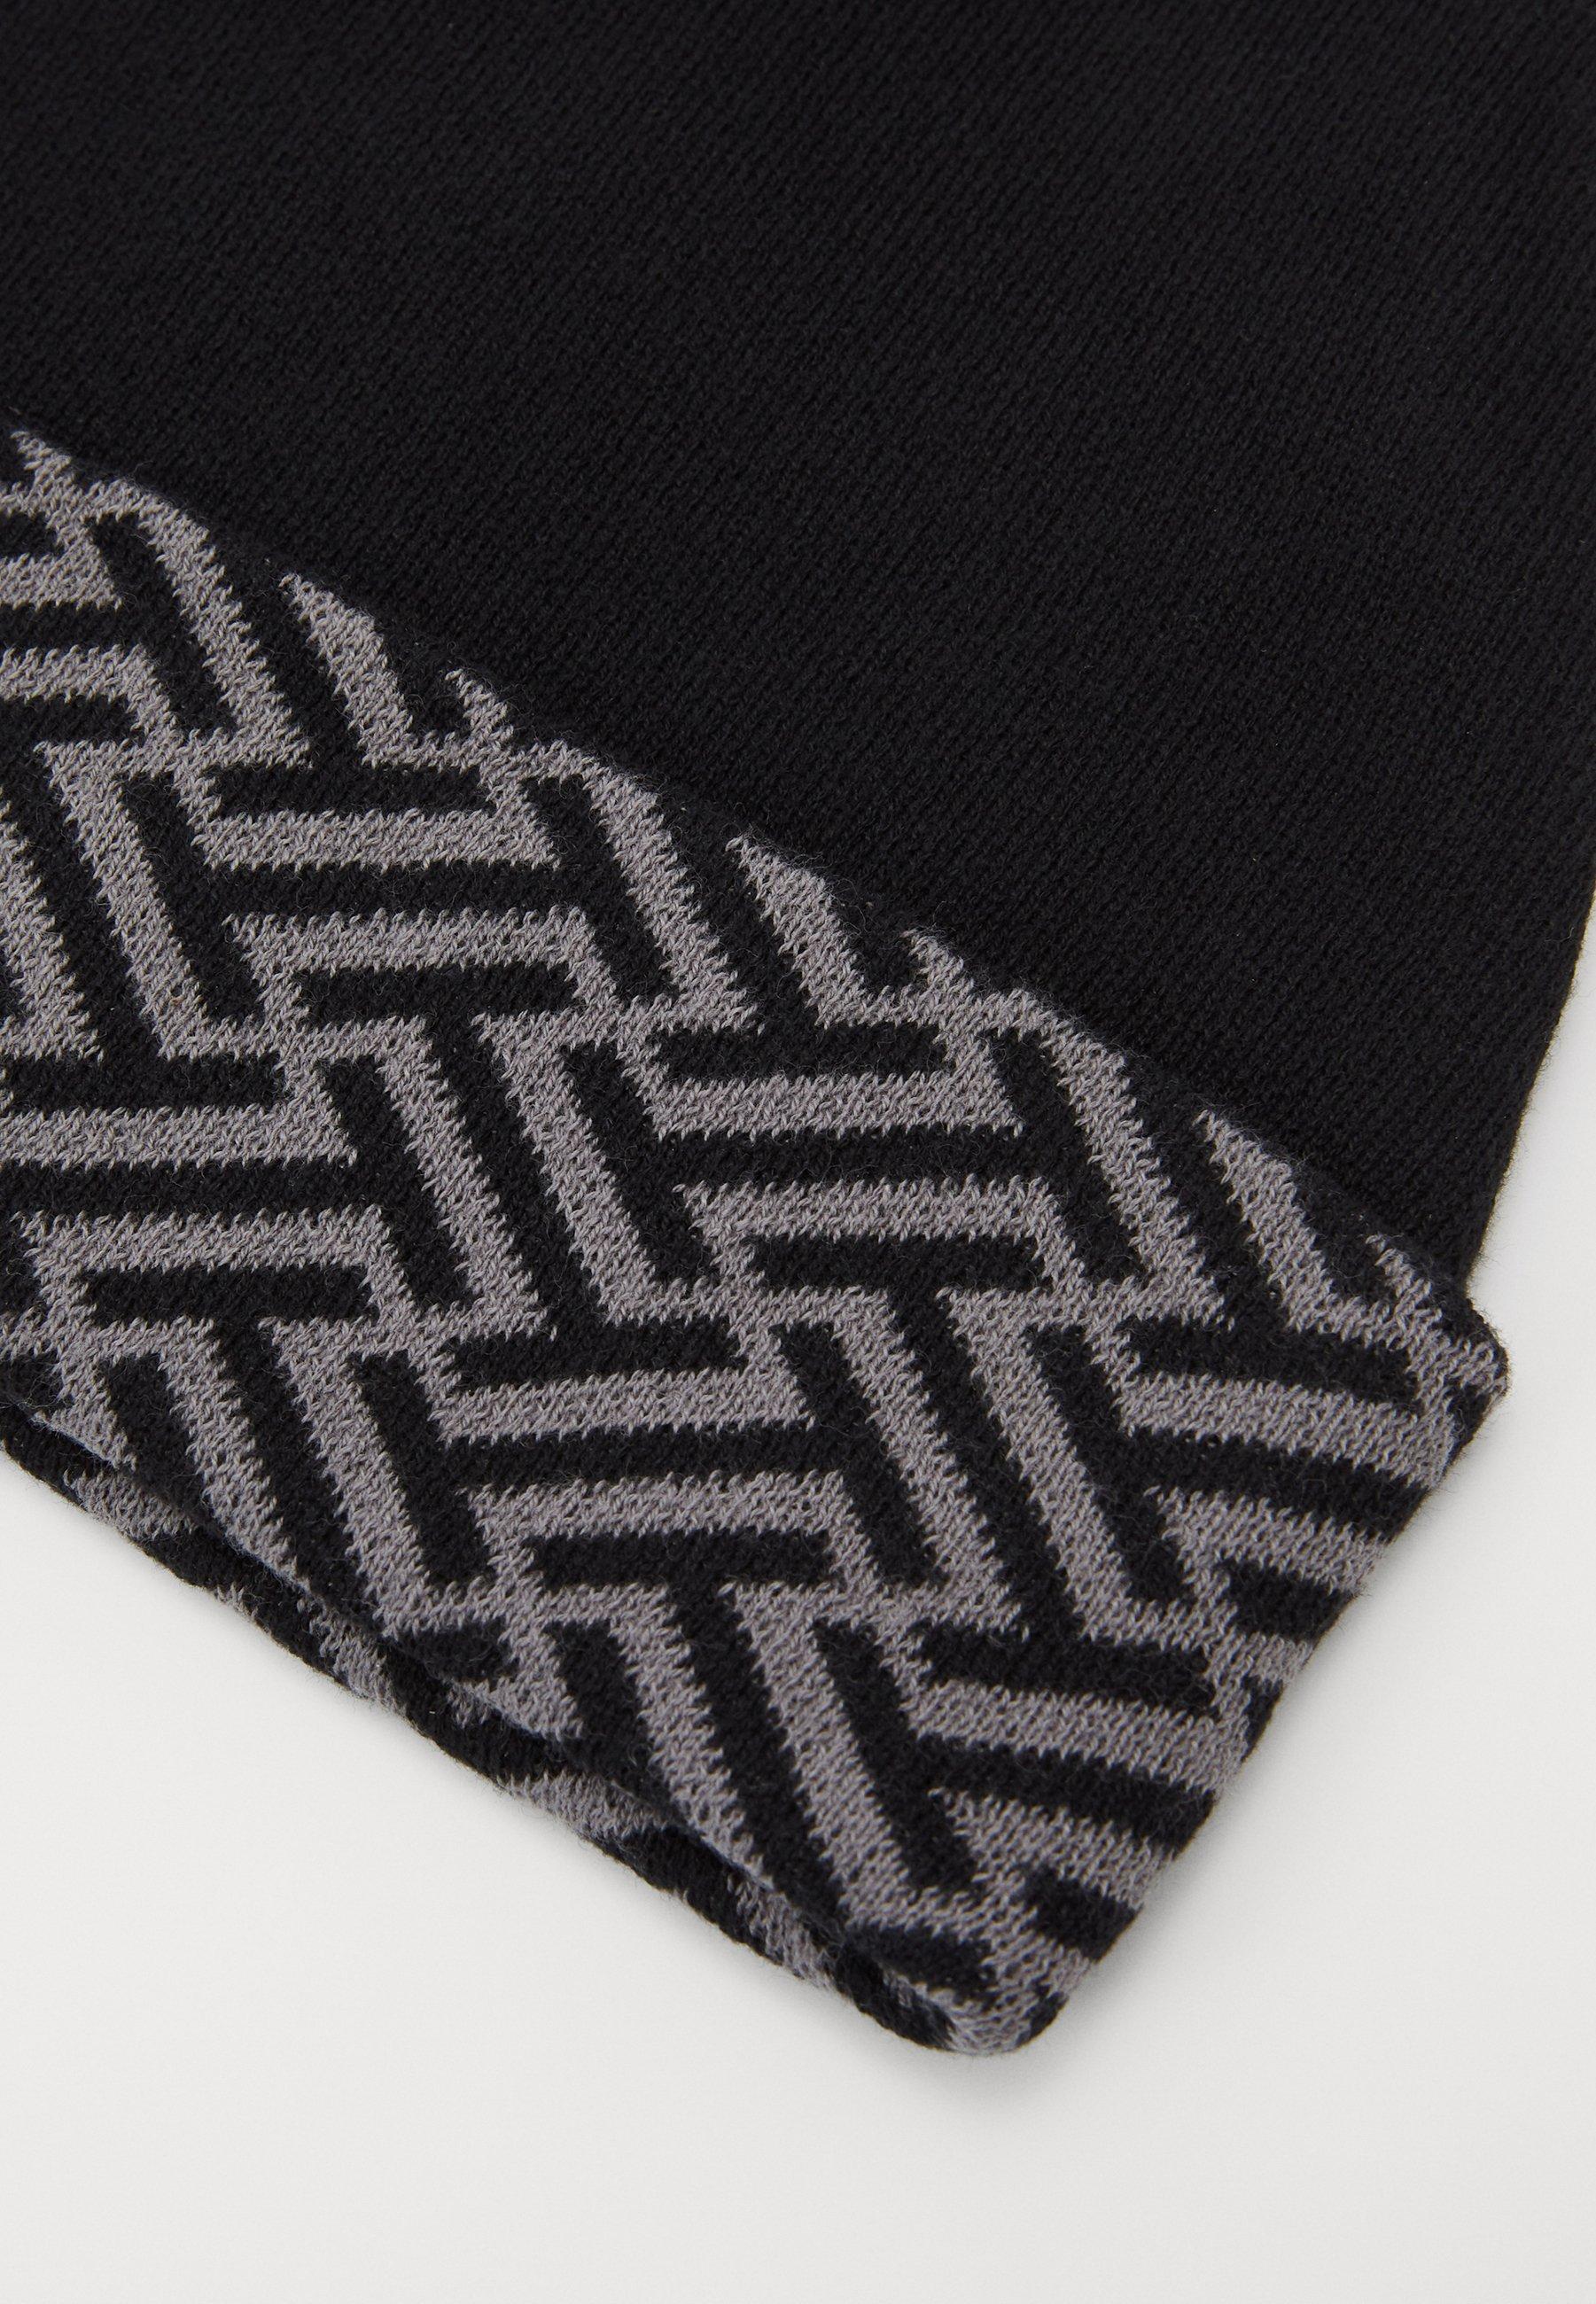 Zign Lue - black/grey/svart hL9c2DdCNiHvfTJ